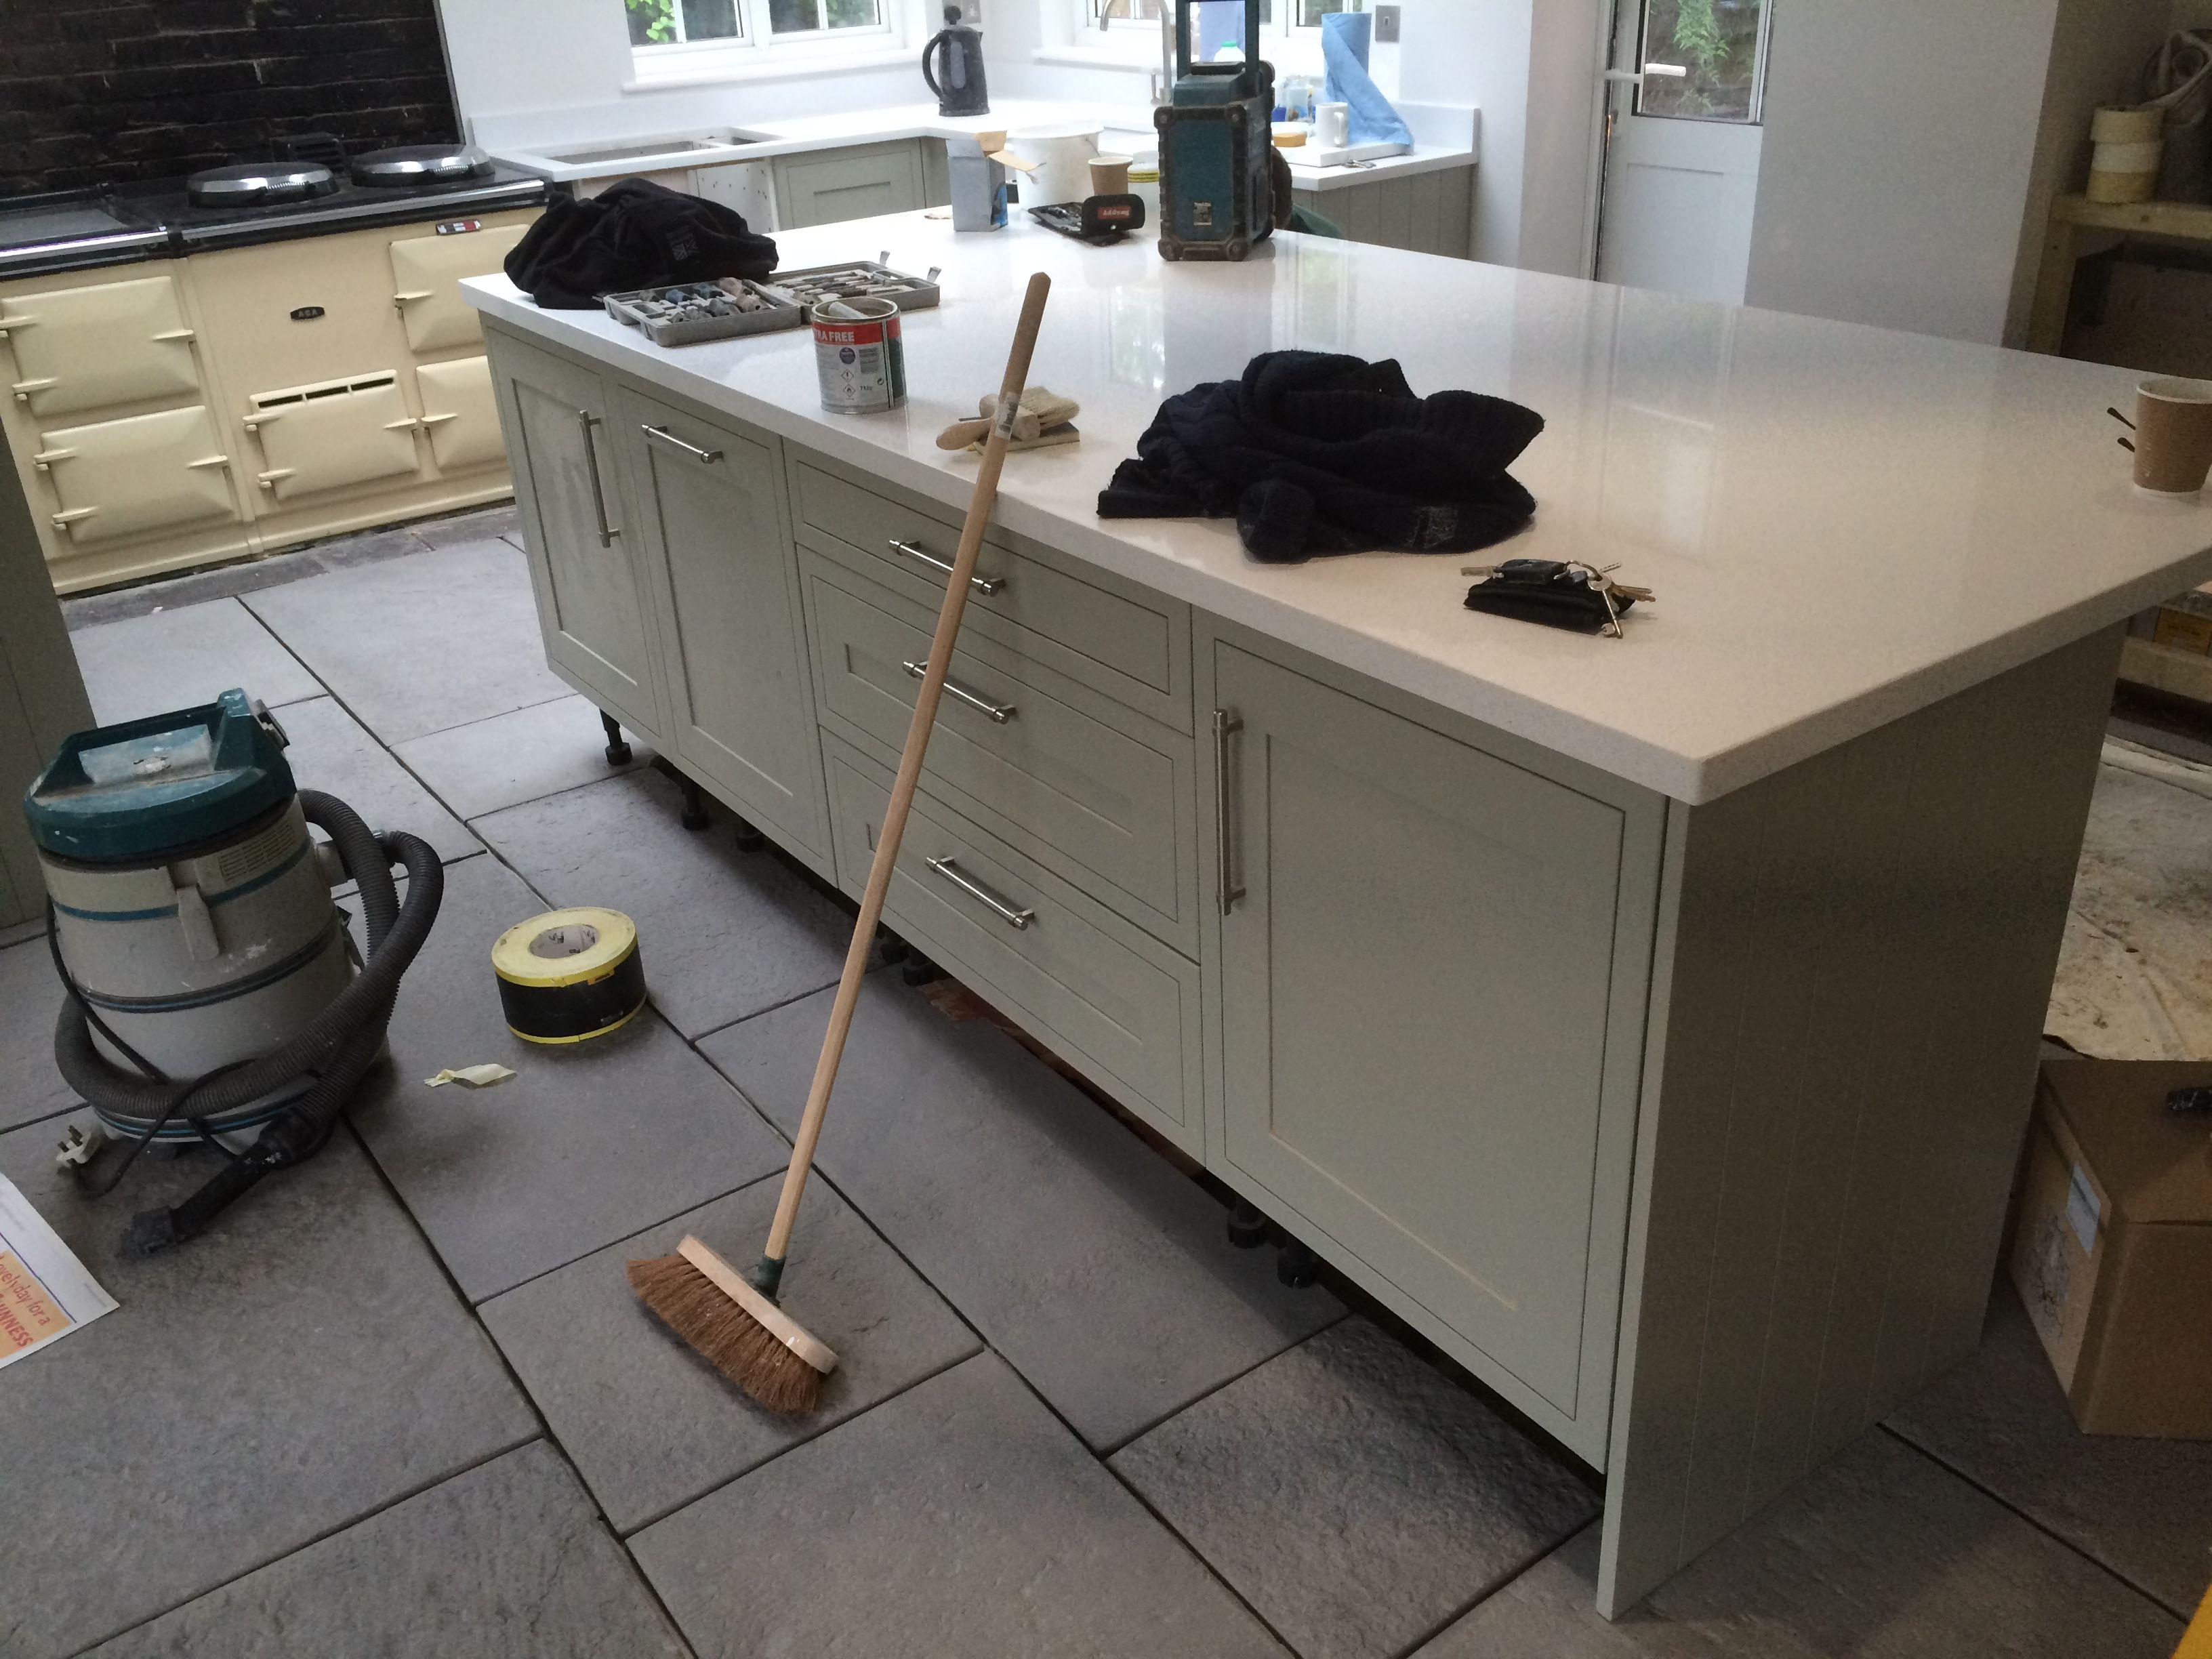 howdens kitchen with sabre stone quartz work top and grey howdens kitchen with sabre stone quartz work top and grey flagstone floor